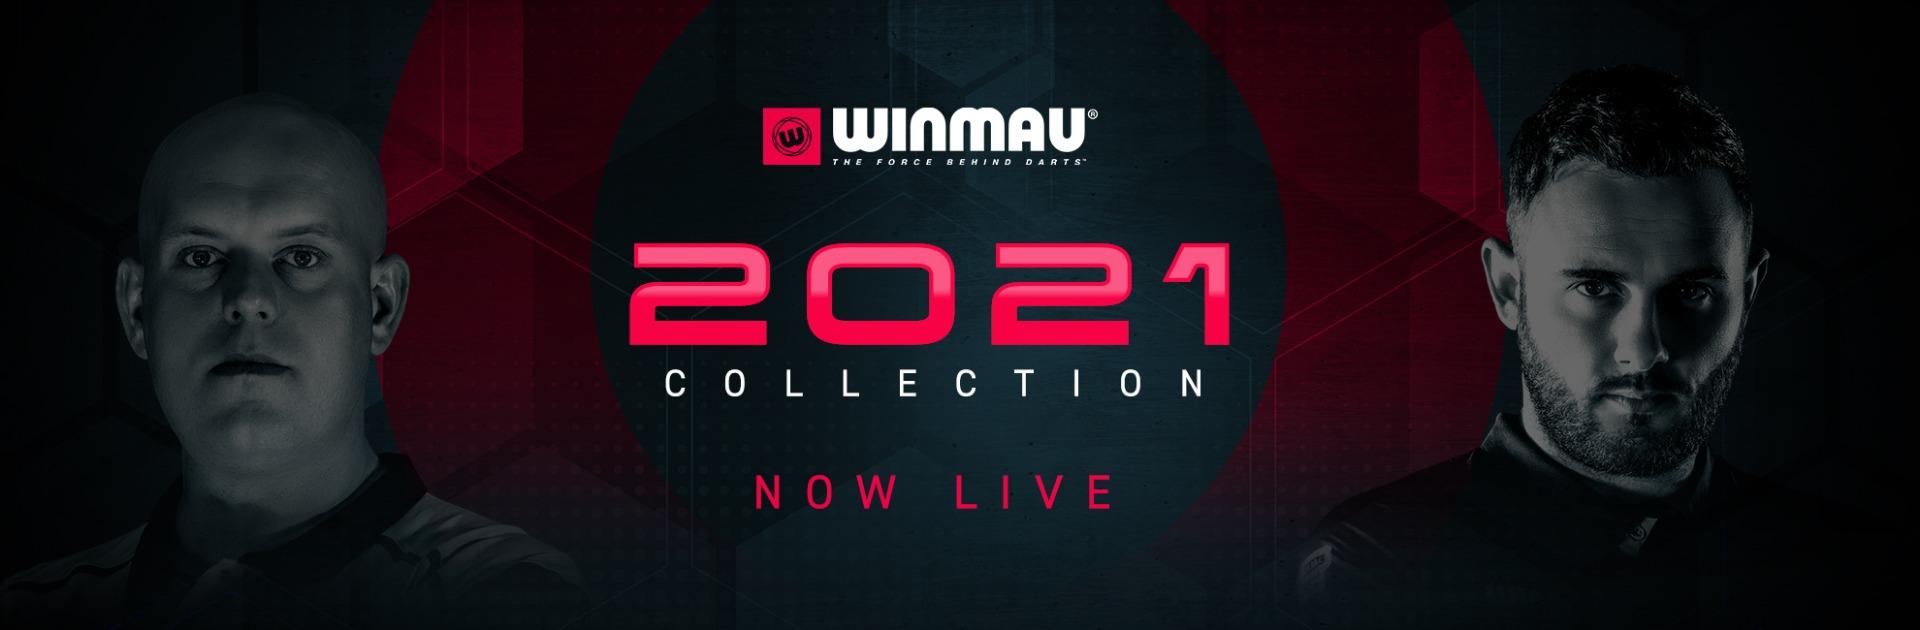 Winmau Launch 2021